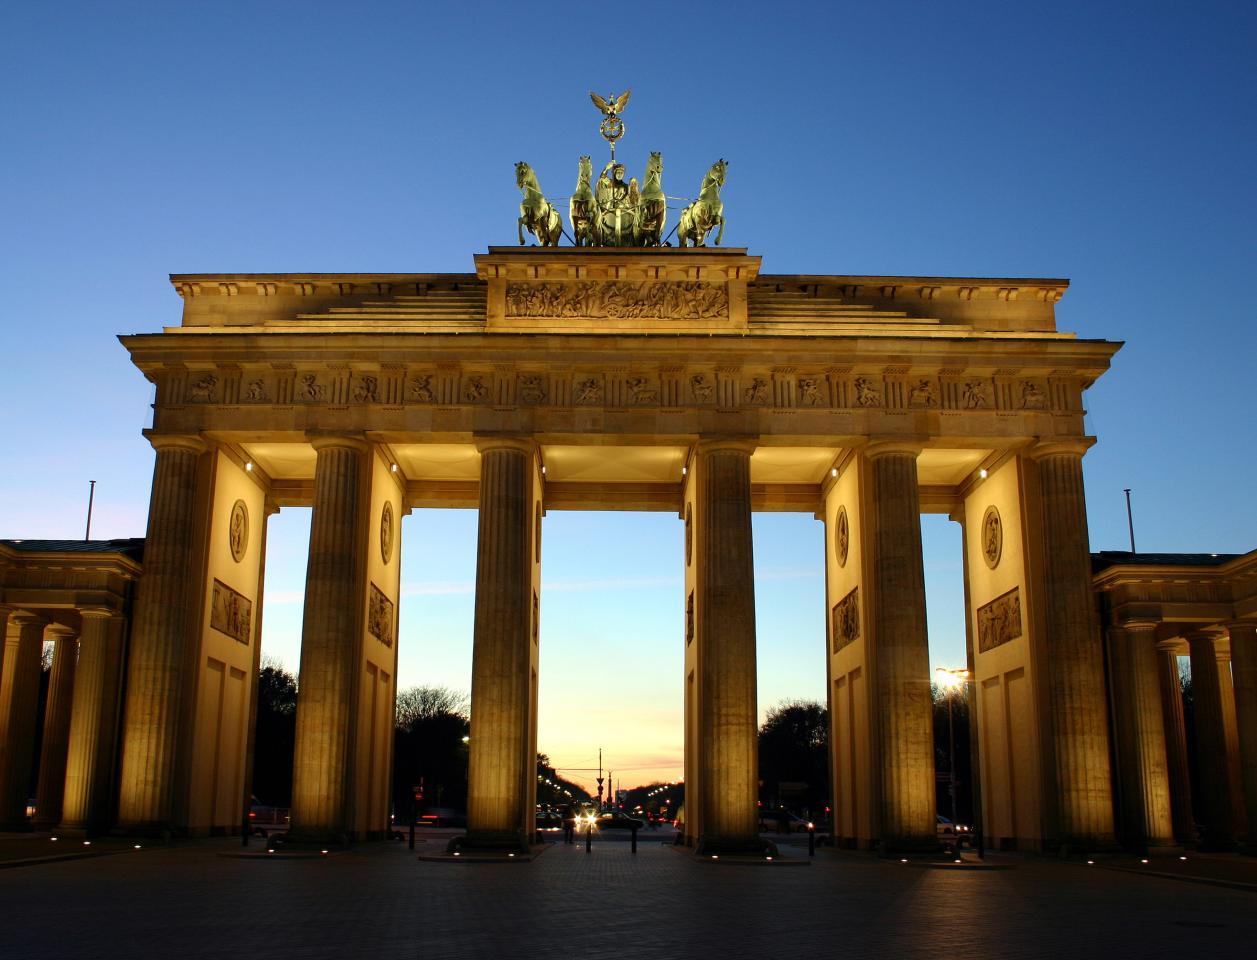 meiste einwohner stadt deutschland